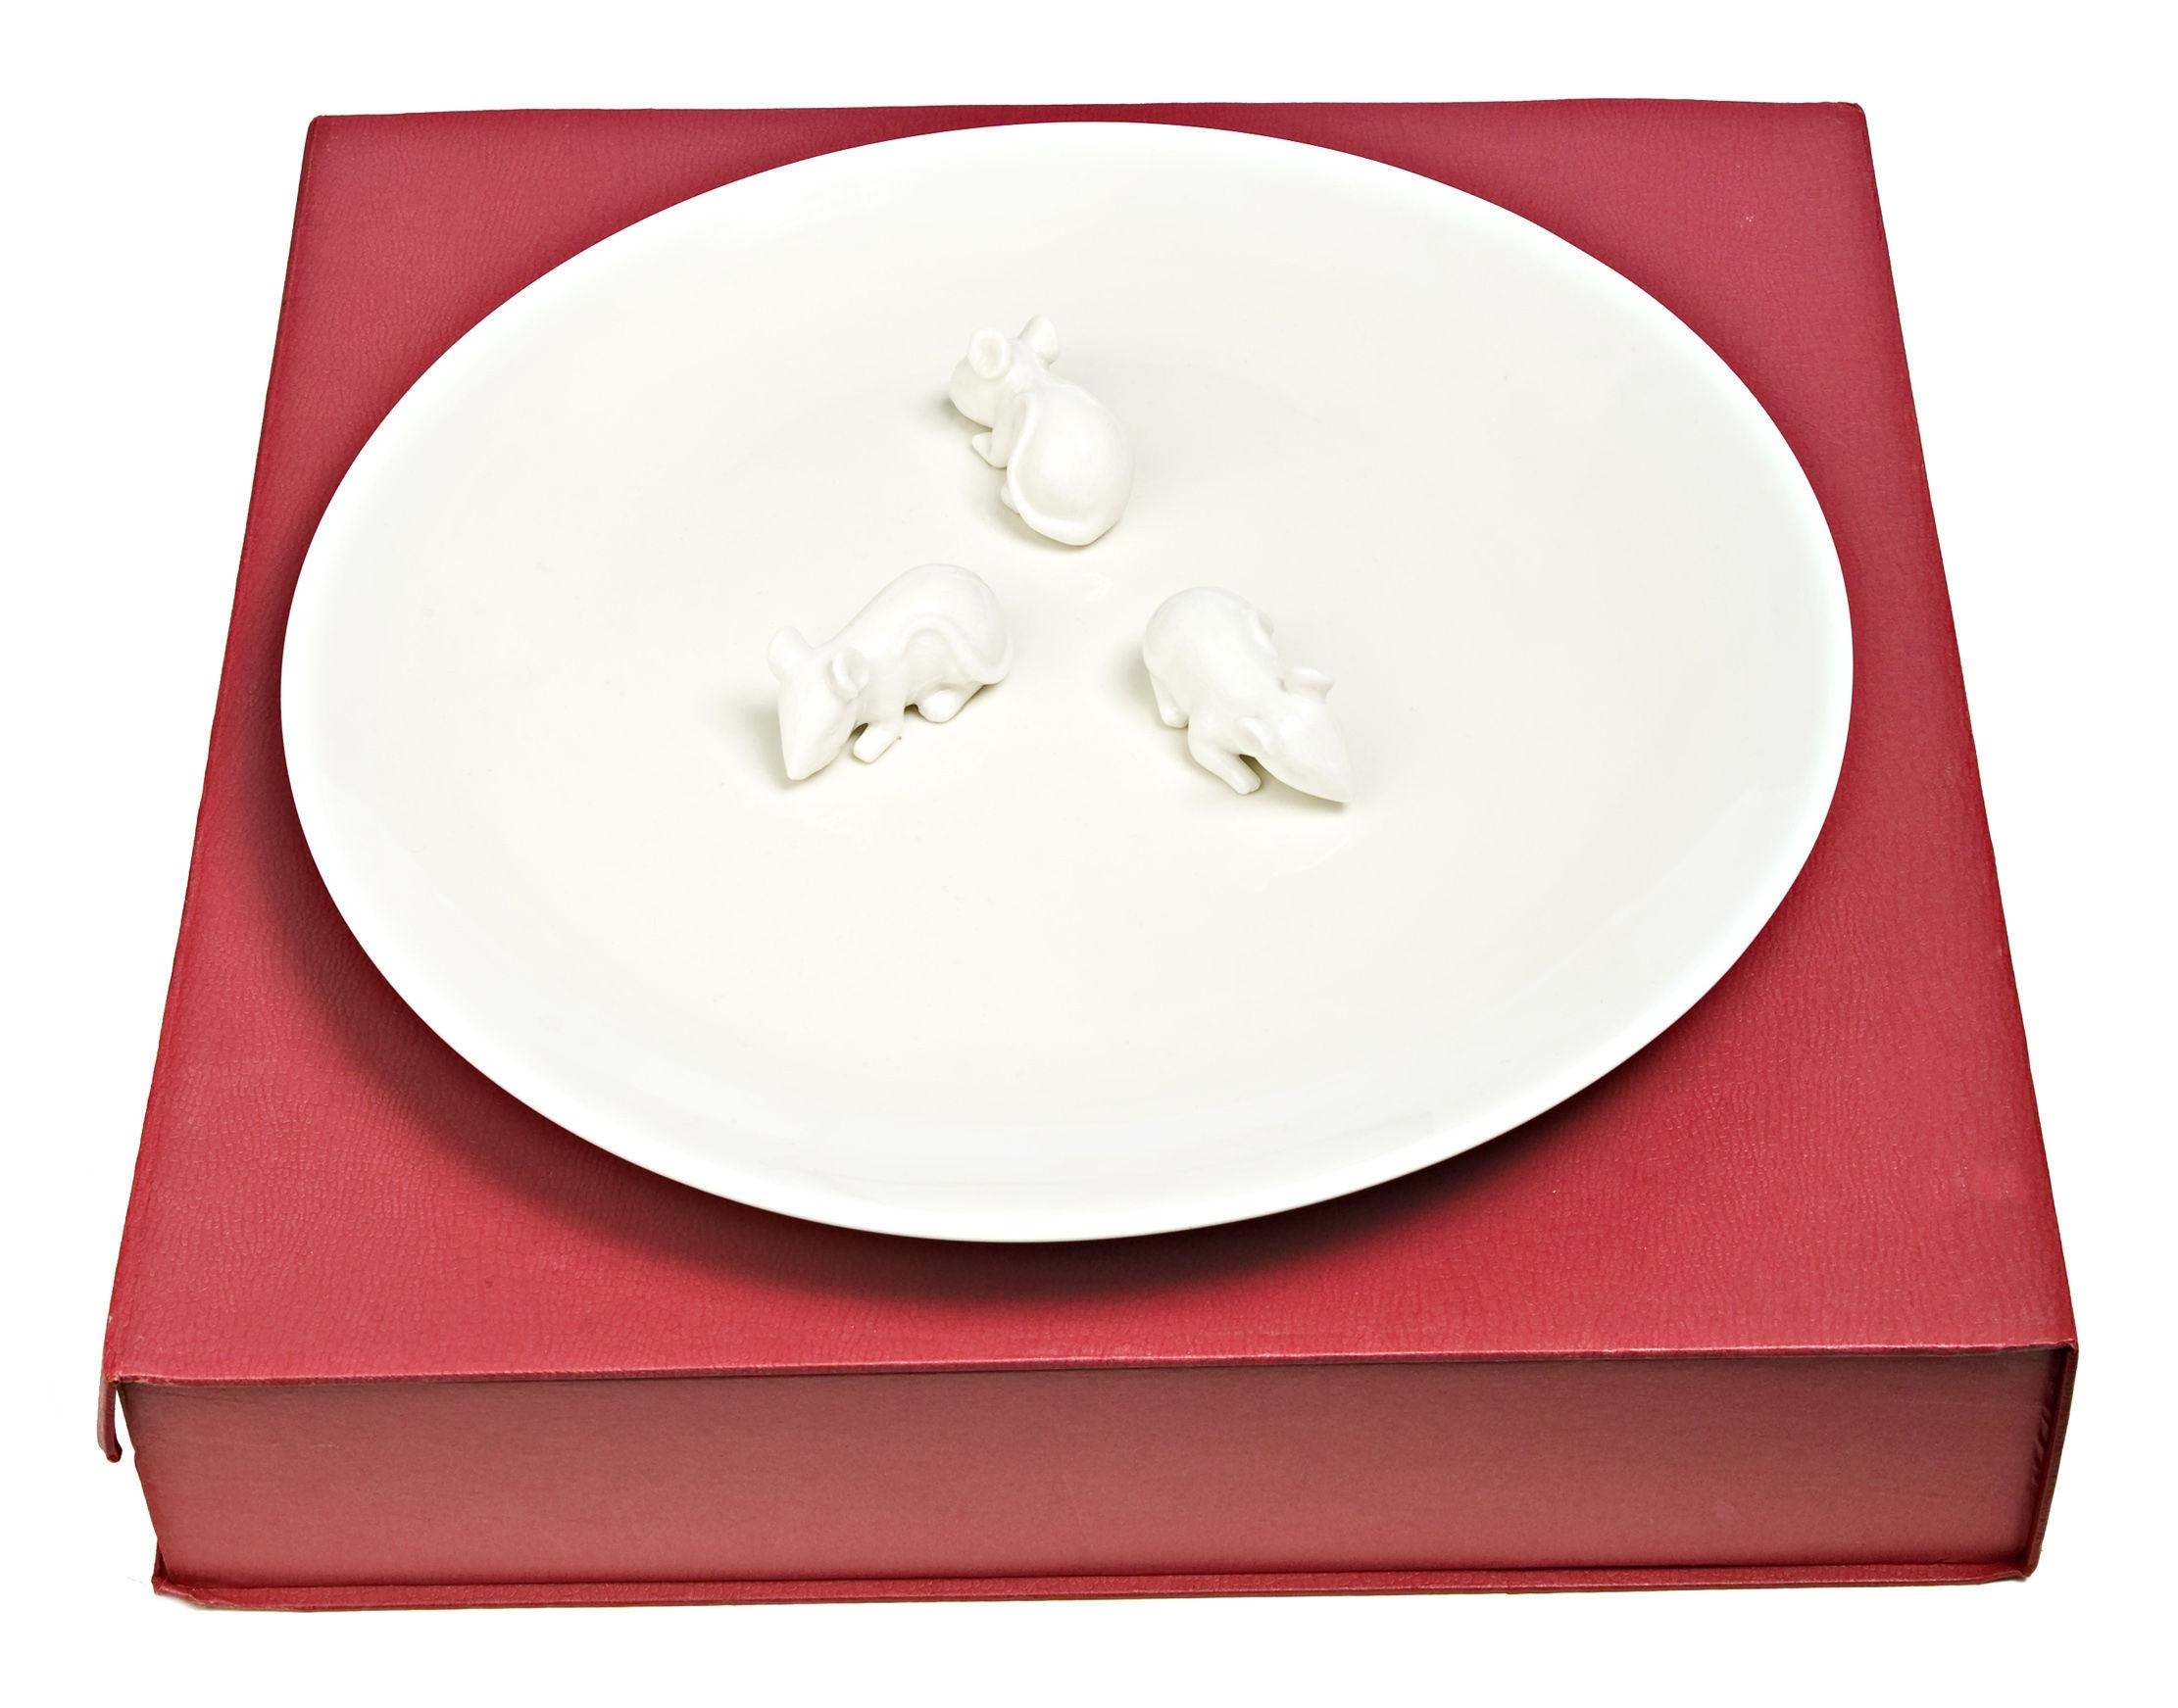 Tavola - Piatti  - Piatto di portata Mice - con topolino in rilievo - Ø 40 cm di Pols Potten - Motivo topolino - Bianco - Porcellana verniciata